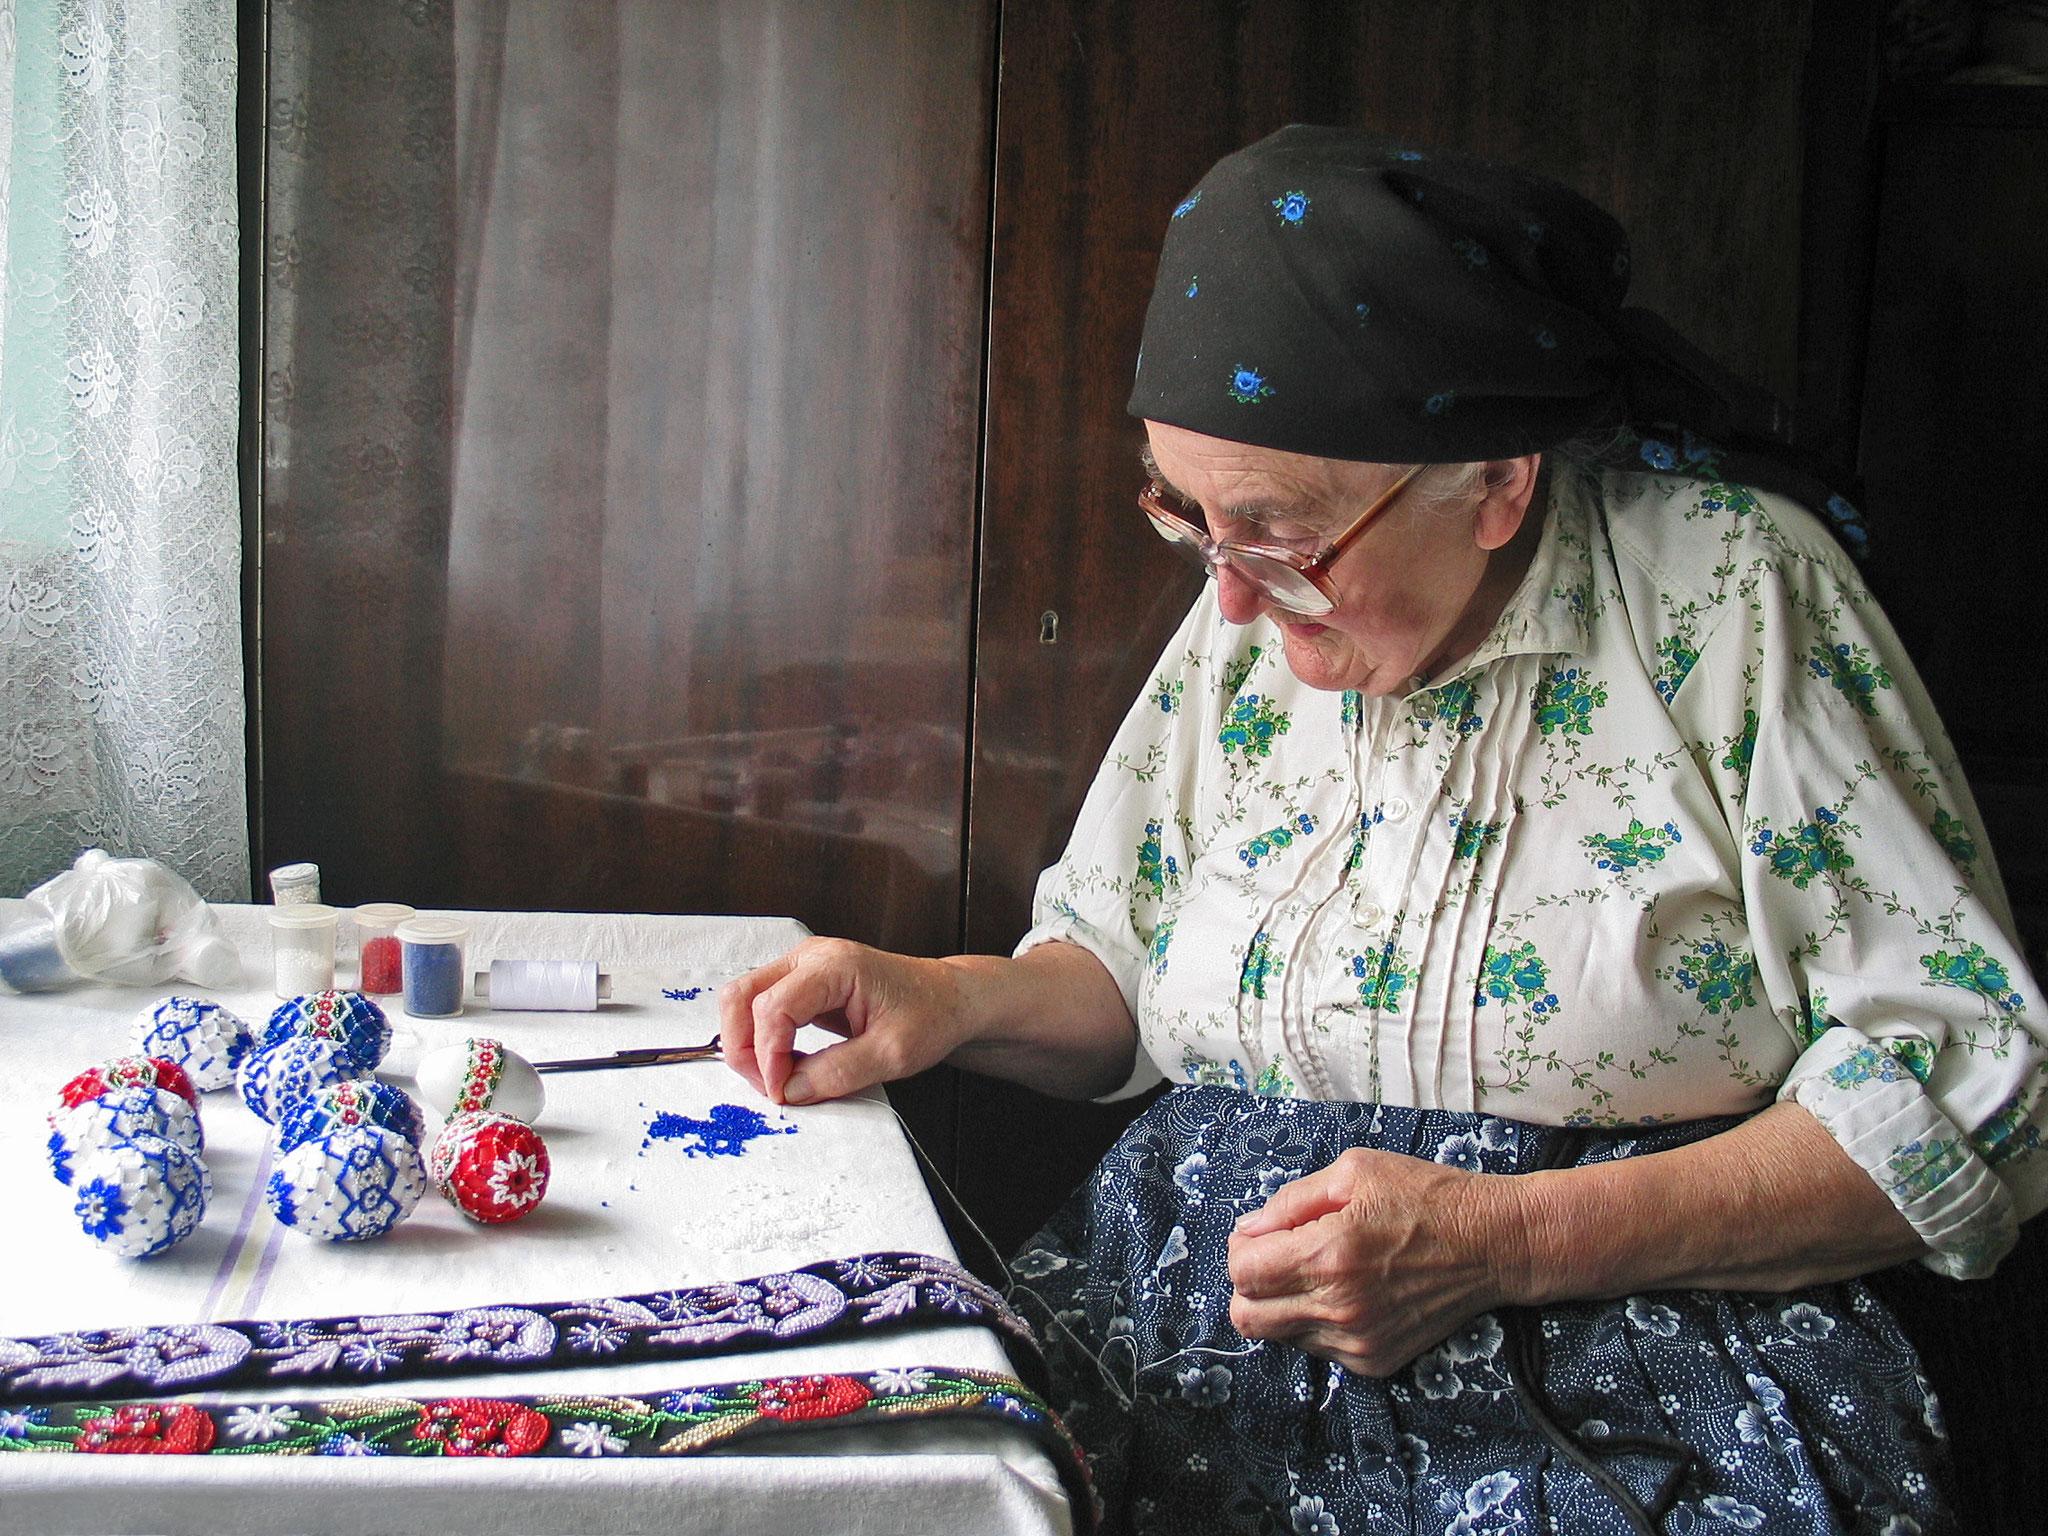 Bozsoki Adrienn (Romania) - Bead embroidery